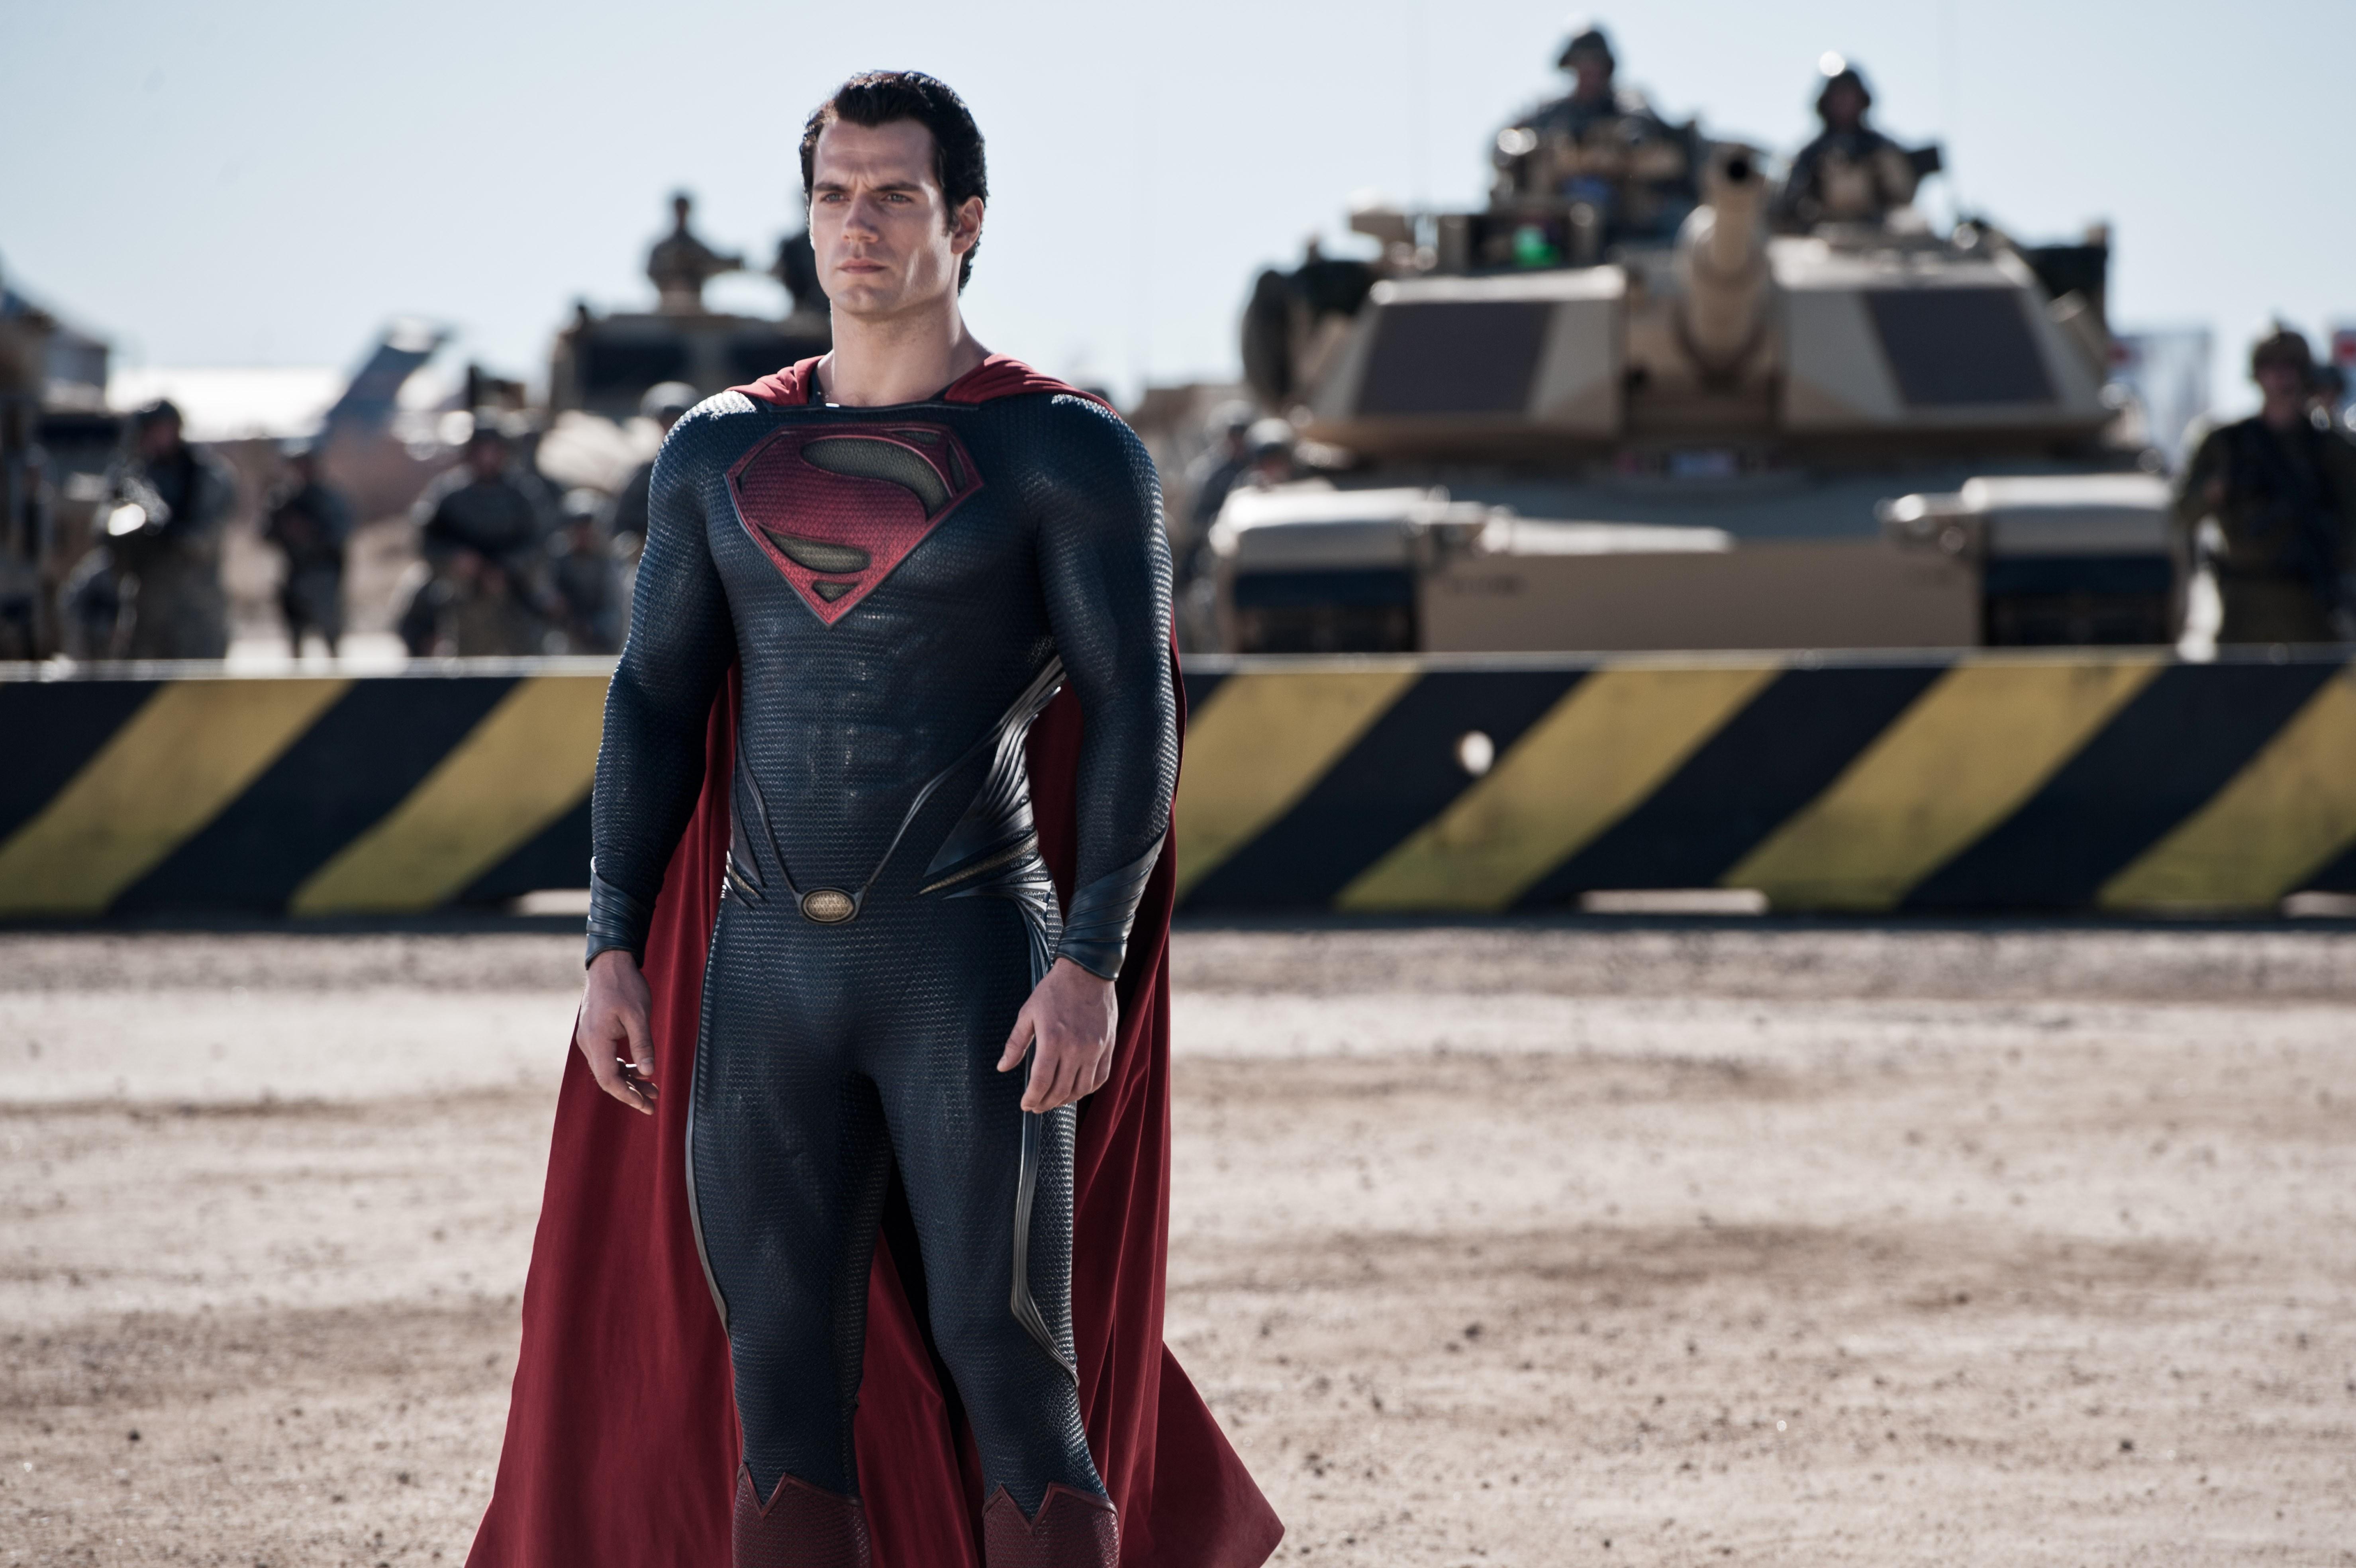 Генри кавилл: система питания и детали тренировок супермена